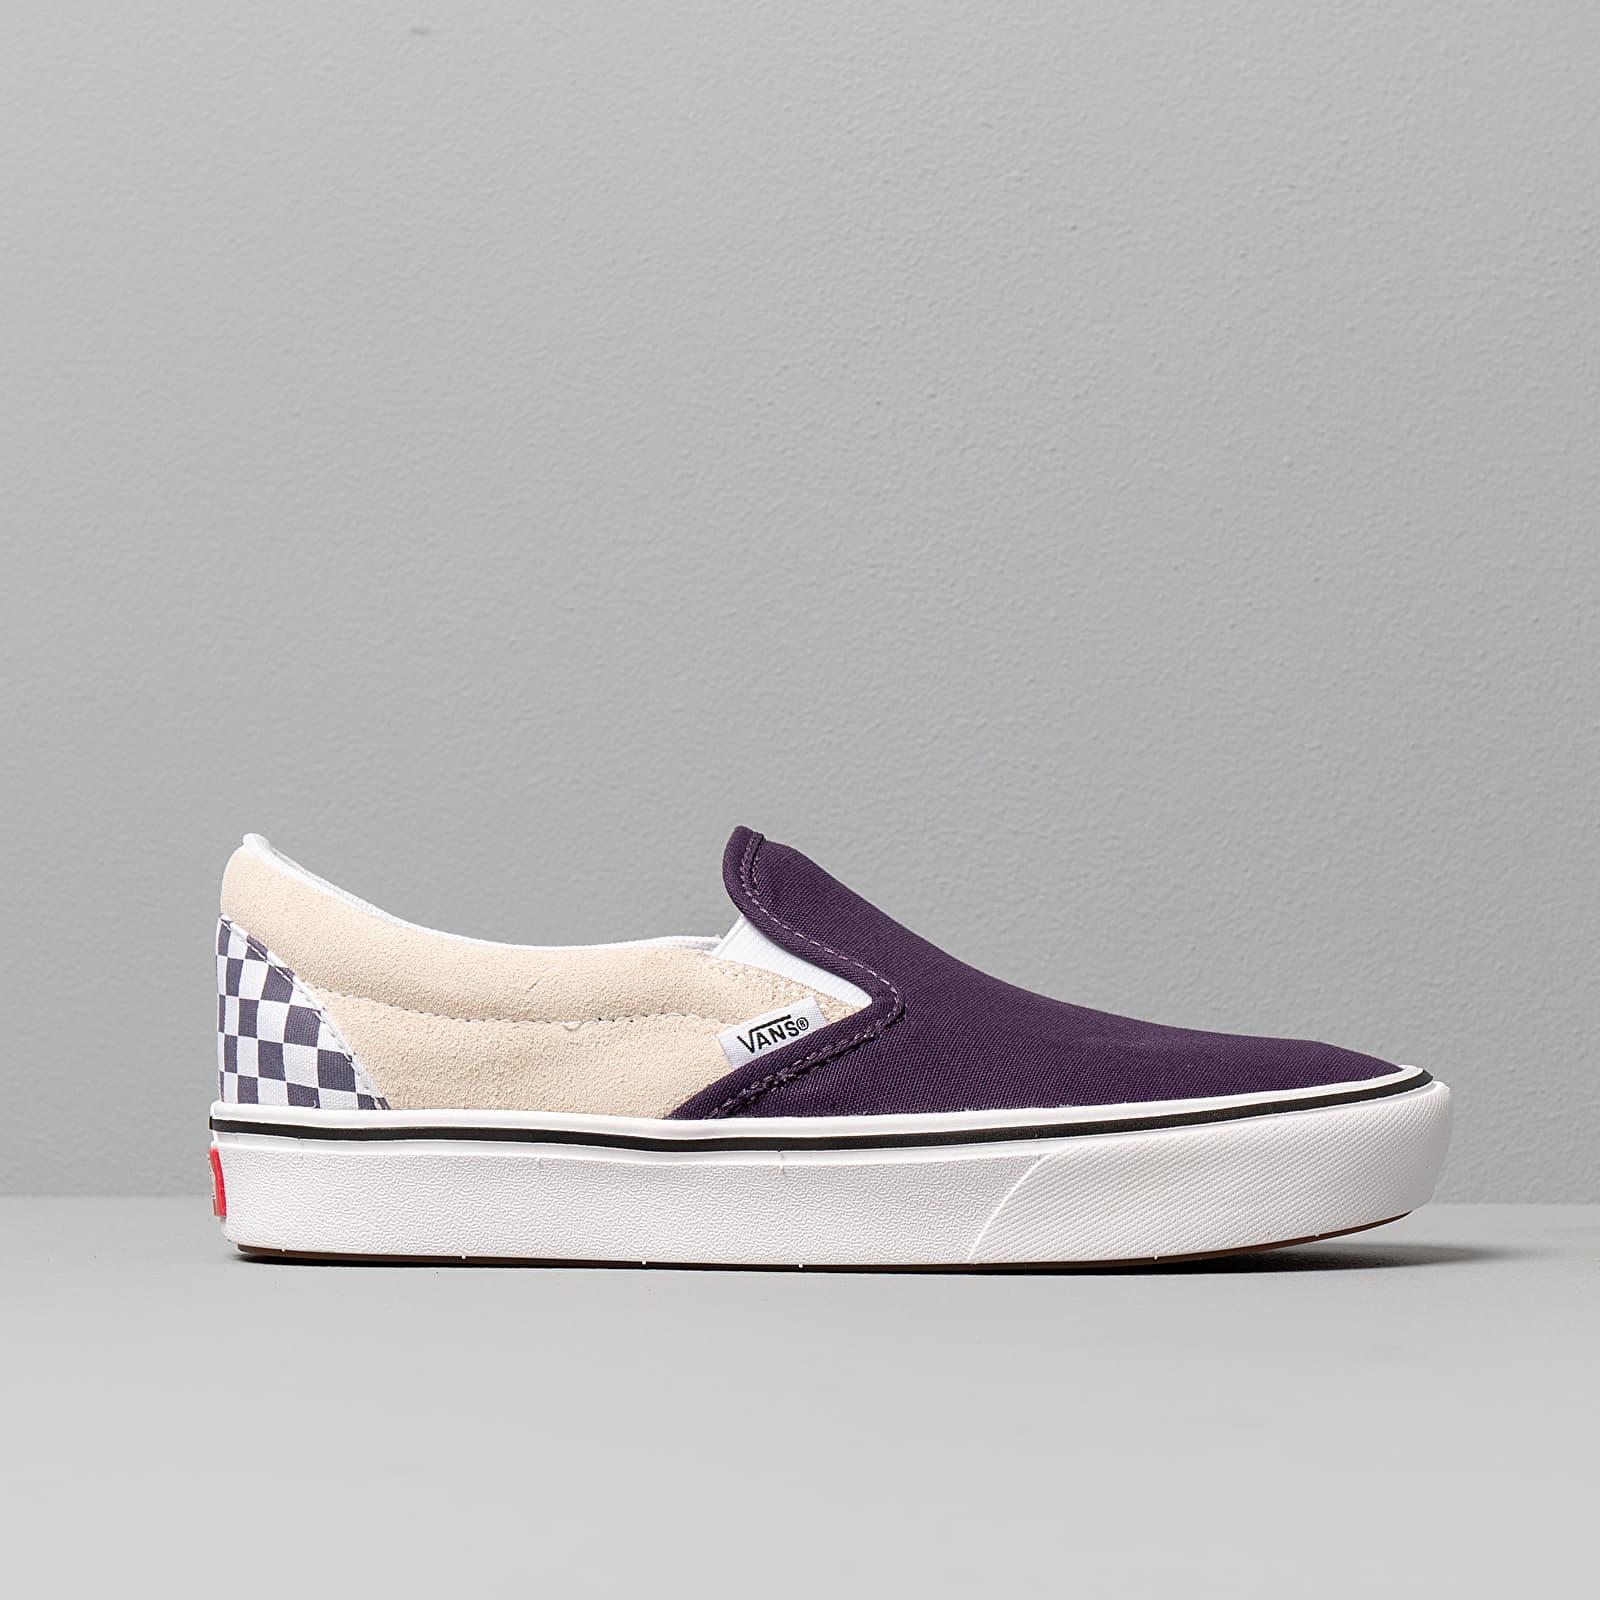 Vans ComfyCush Slip On (Checkerboard) Mysterioso | Footshop